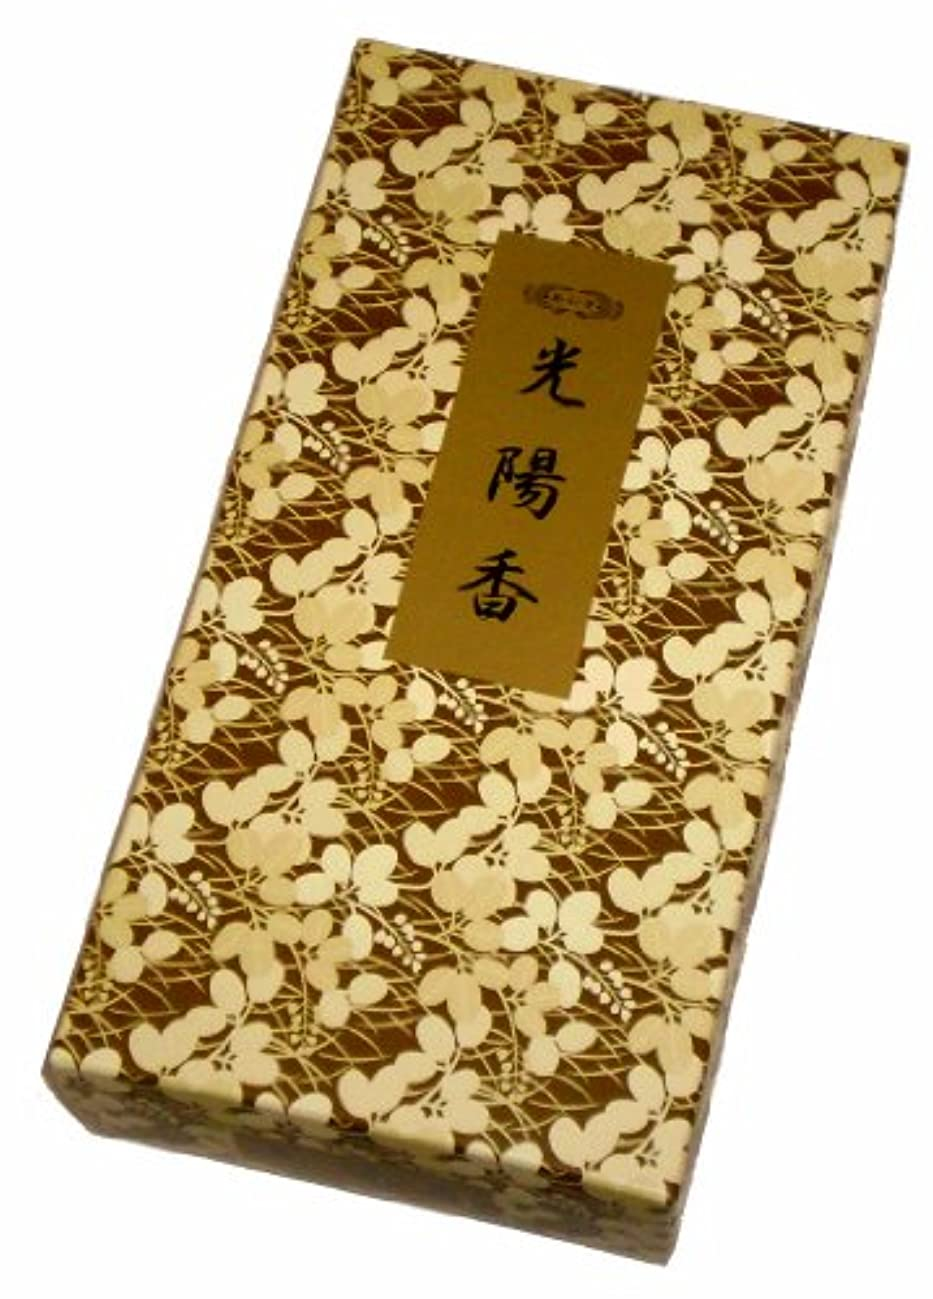 津波曲座標玉初堂のお香 光陽香 500g #661